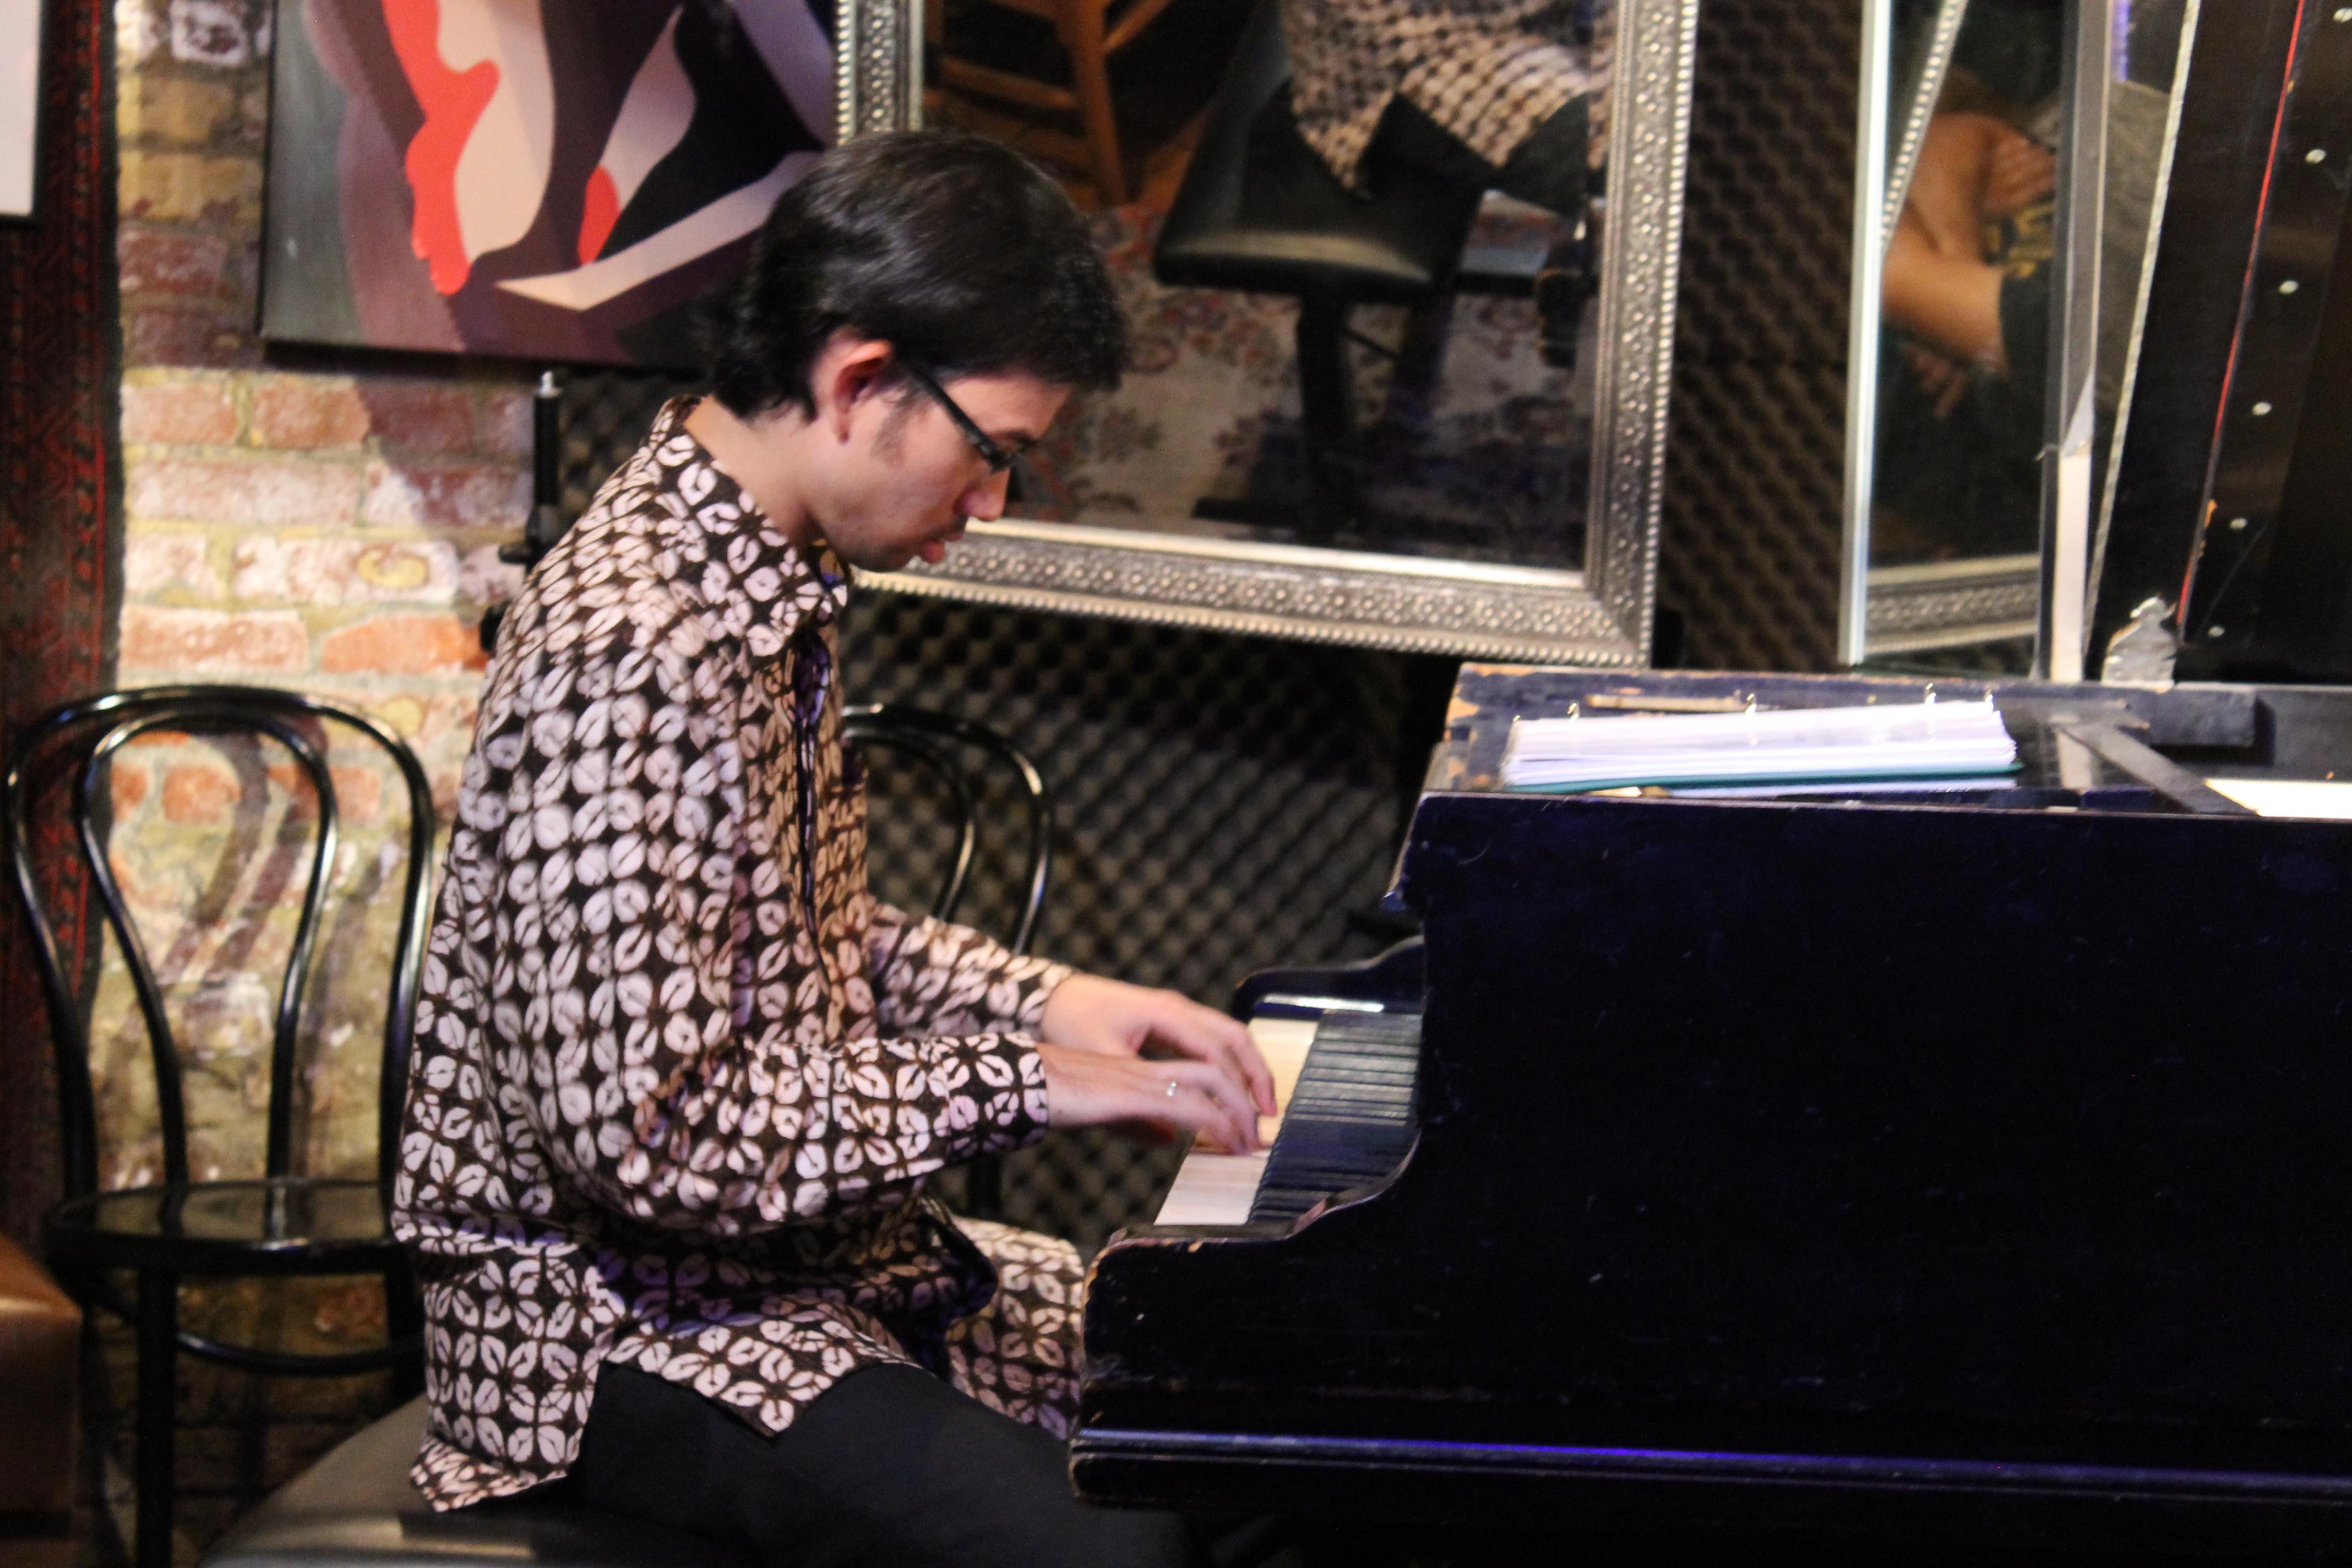 Nial Djuliarso on piano